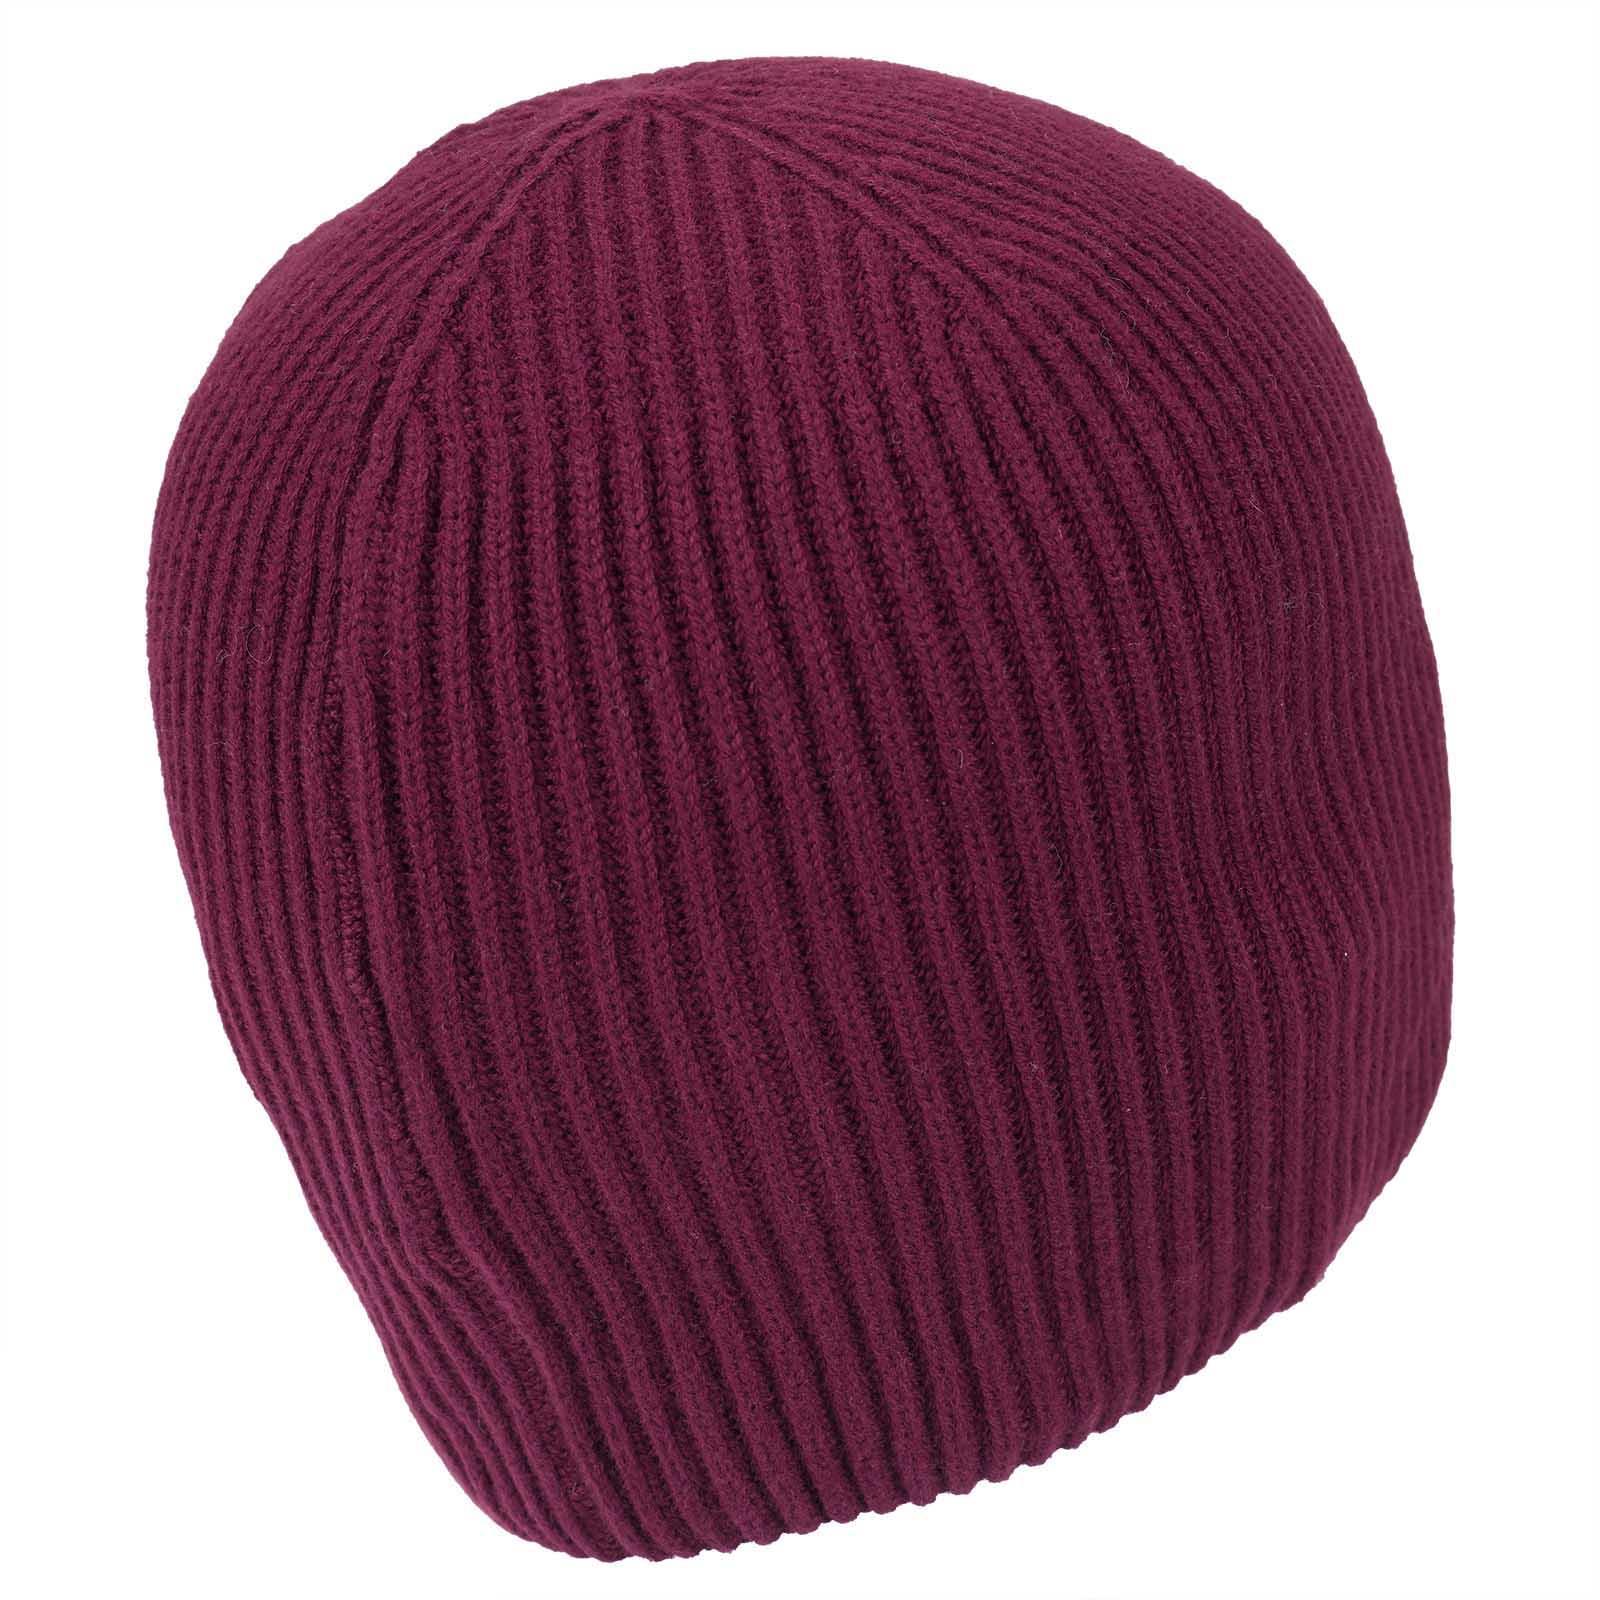 Softe Damen Cashmere-Blend Strickmütze mit Strassbesatz